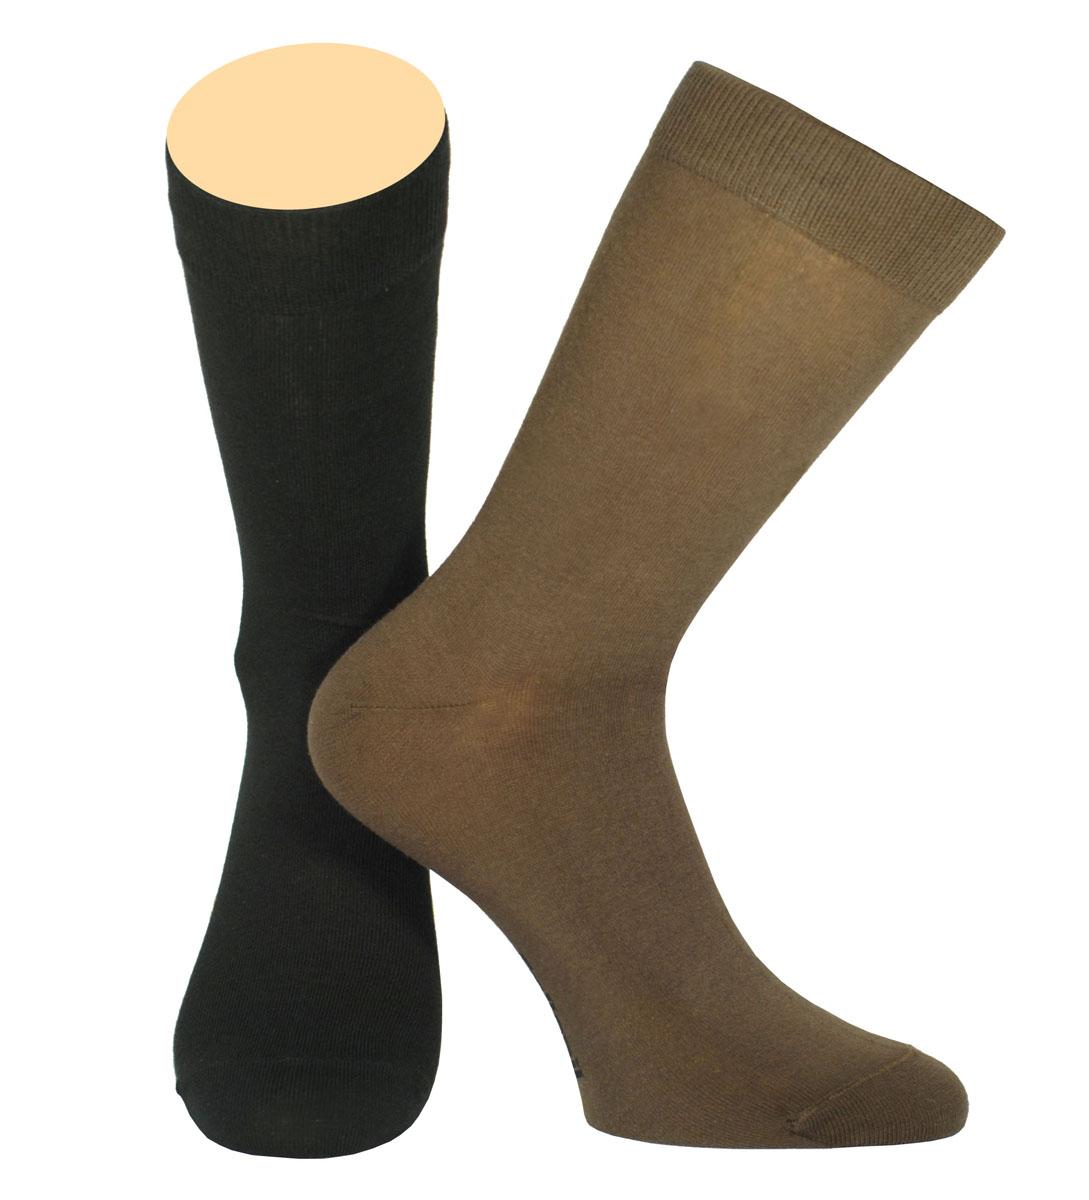 Носки мужские Collonil, цвет: черный, коричневый, 2 пары. CE3-40/06. Размер 43-46CE3-40/06Мужские носки Collonil изготовлены из эластичного хлопка с добавлением полиамида.Удлиненная широкая резинка не сдавливает и комфортно облегает ногу.В комплекте 2 пары.